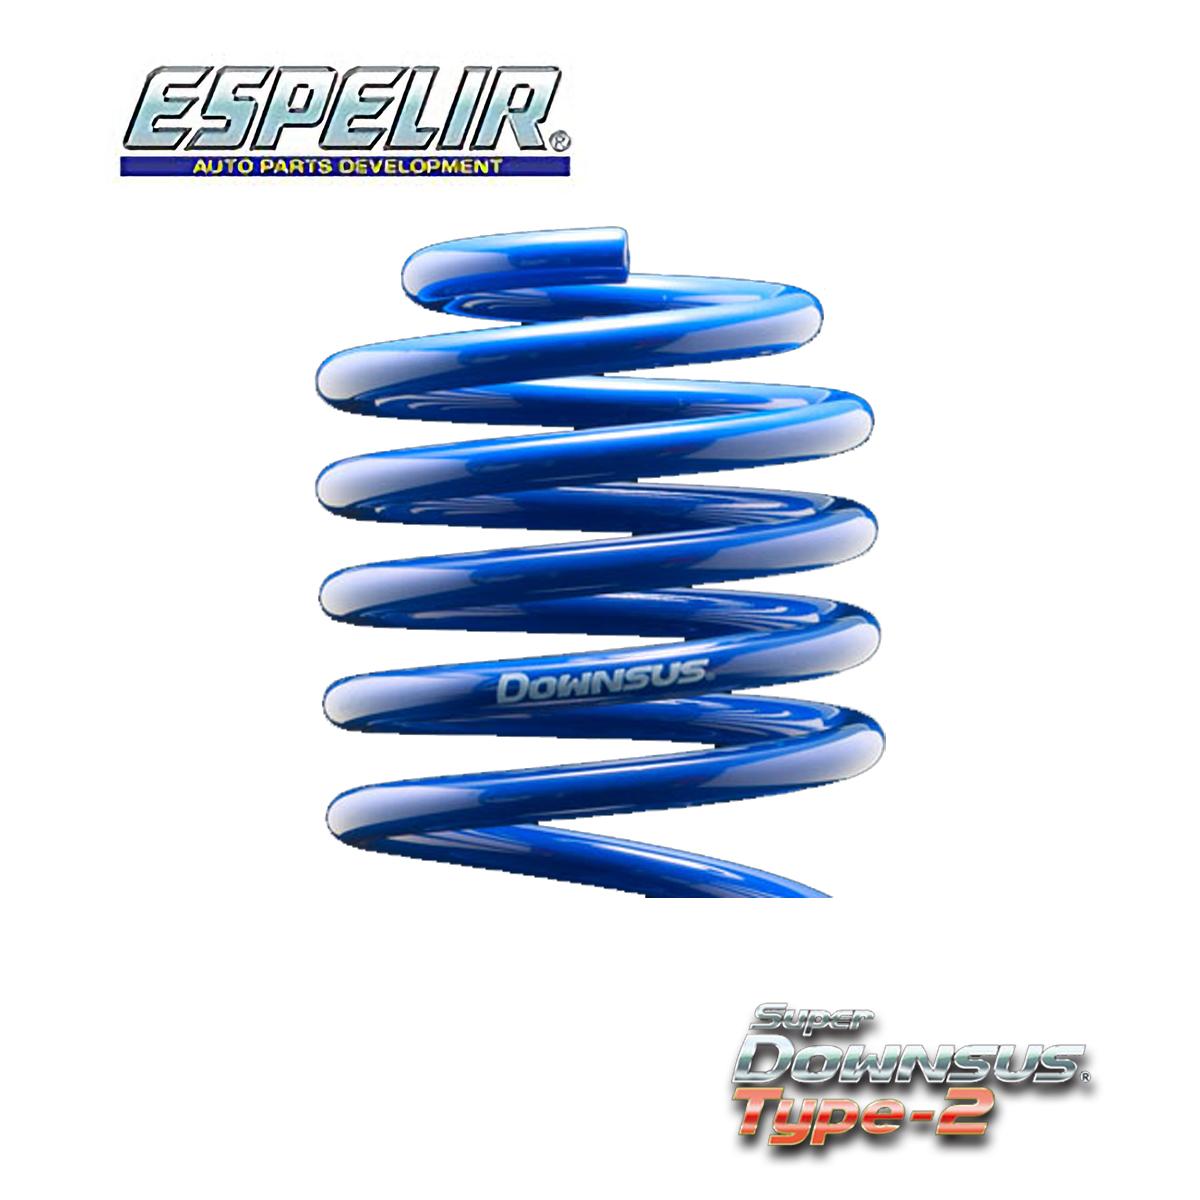 エスペリア レクサス AYZ15 NX 300h Iパッケージ/アーバンスタイル スプリング ダウンサス 1台分 ESX-3340 スーパーダウンサス タイプ2 Super DOWNSUS Type-2 ESPELIR